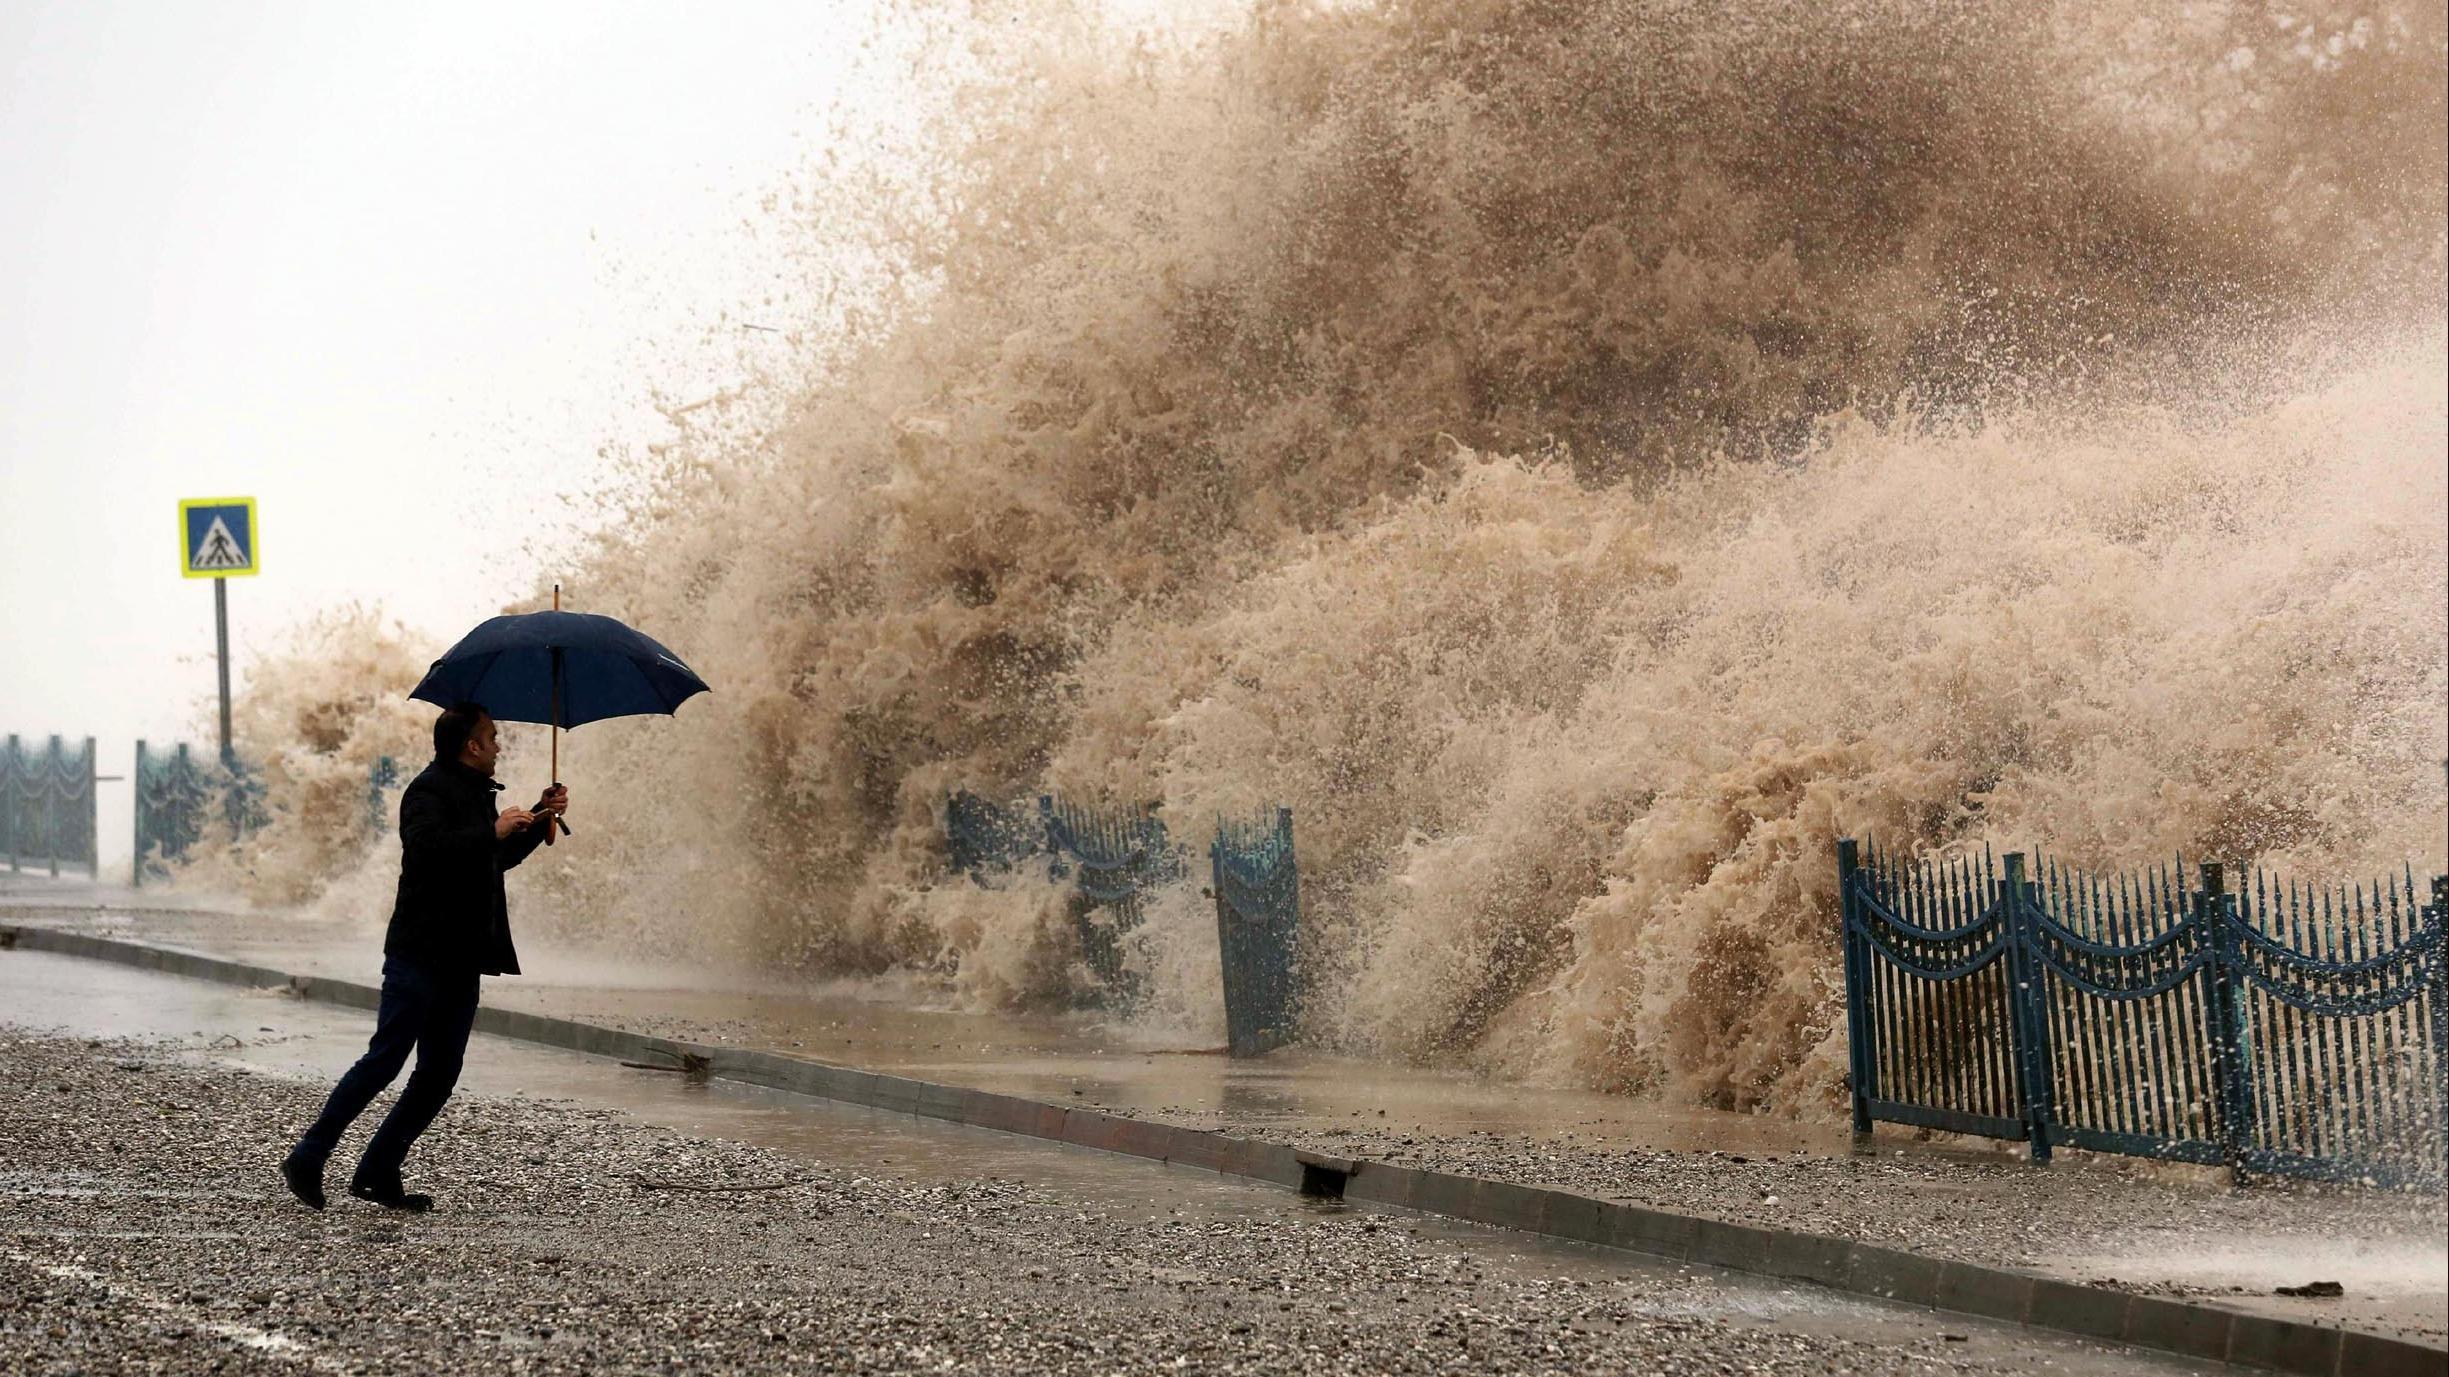 الأرصاد الجوية تطلق تحذير قوي للمواطنين والسكان من عواصف رعدية قوية